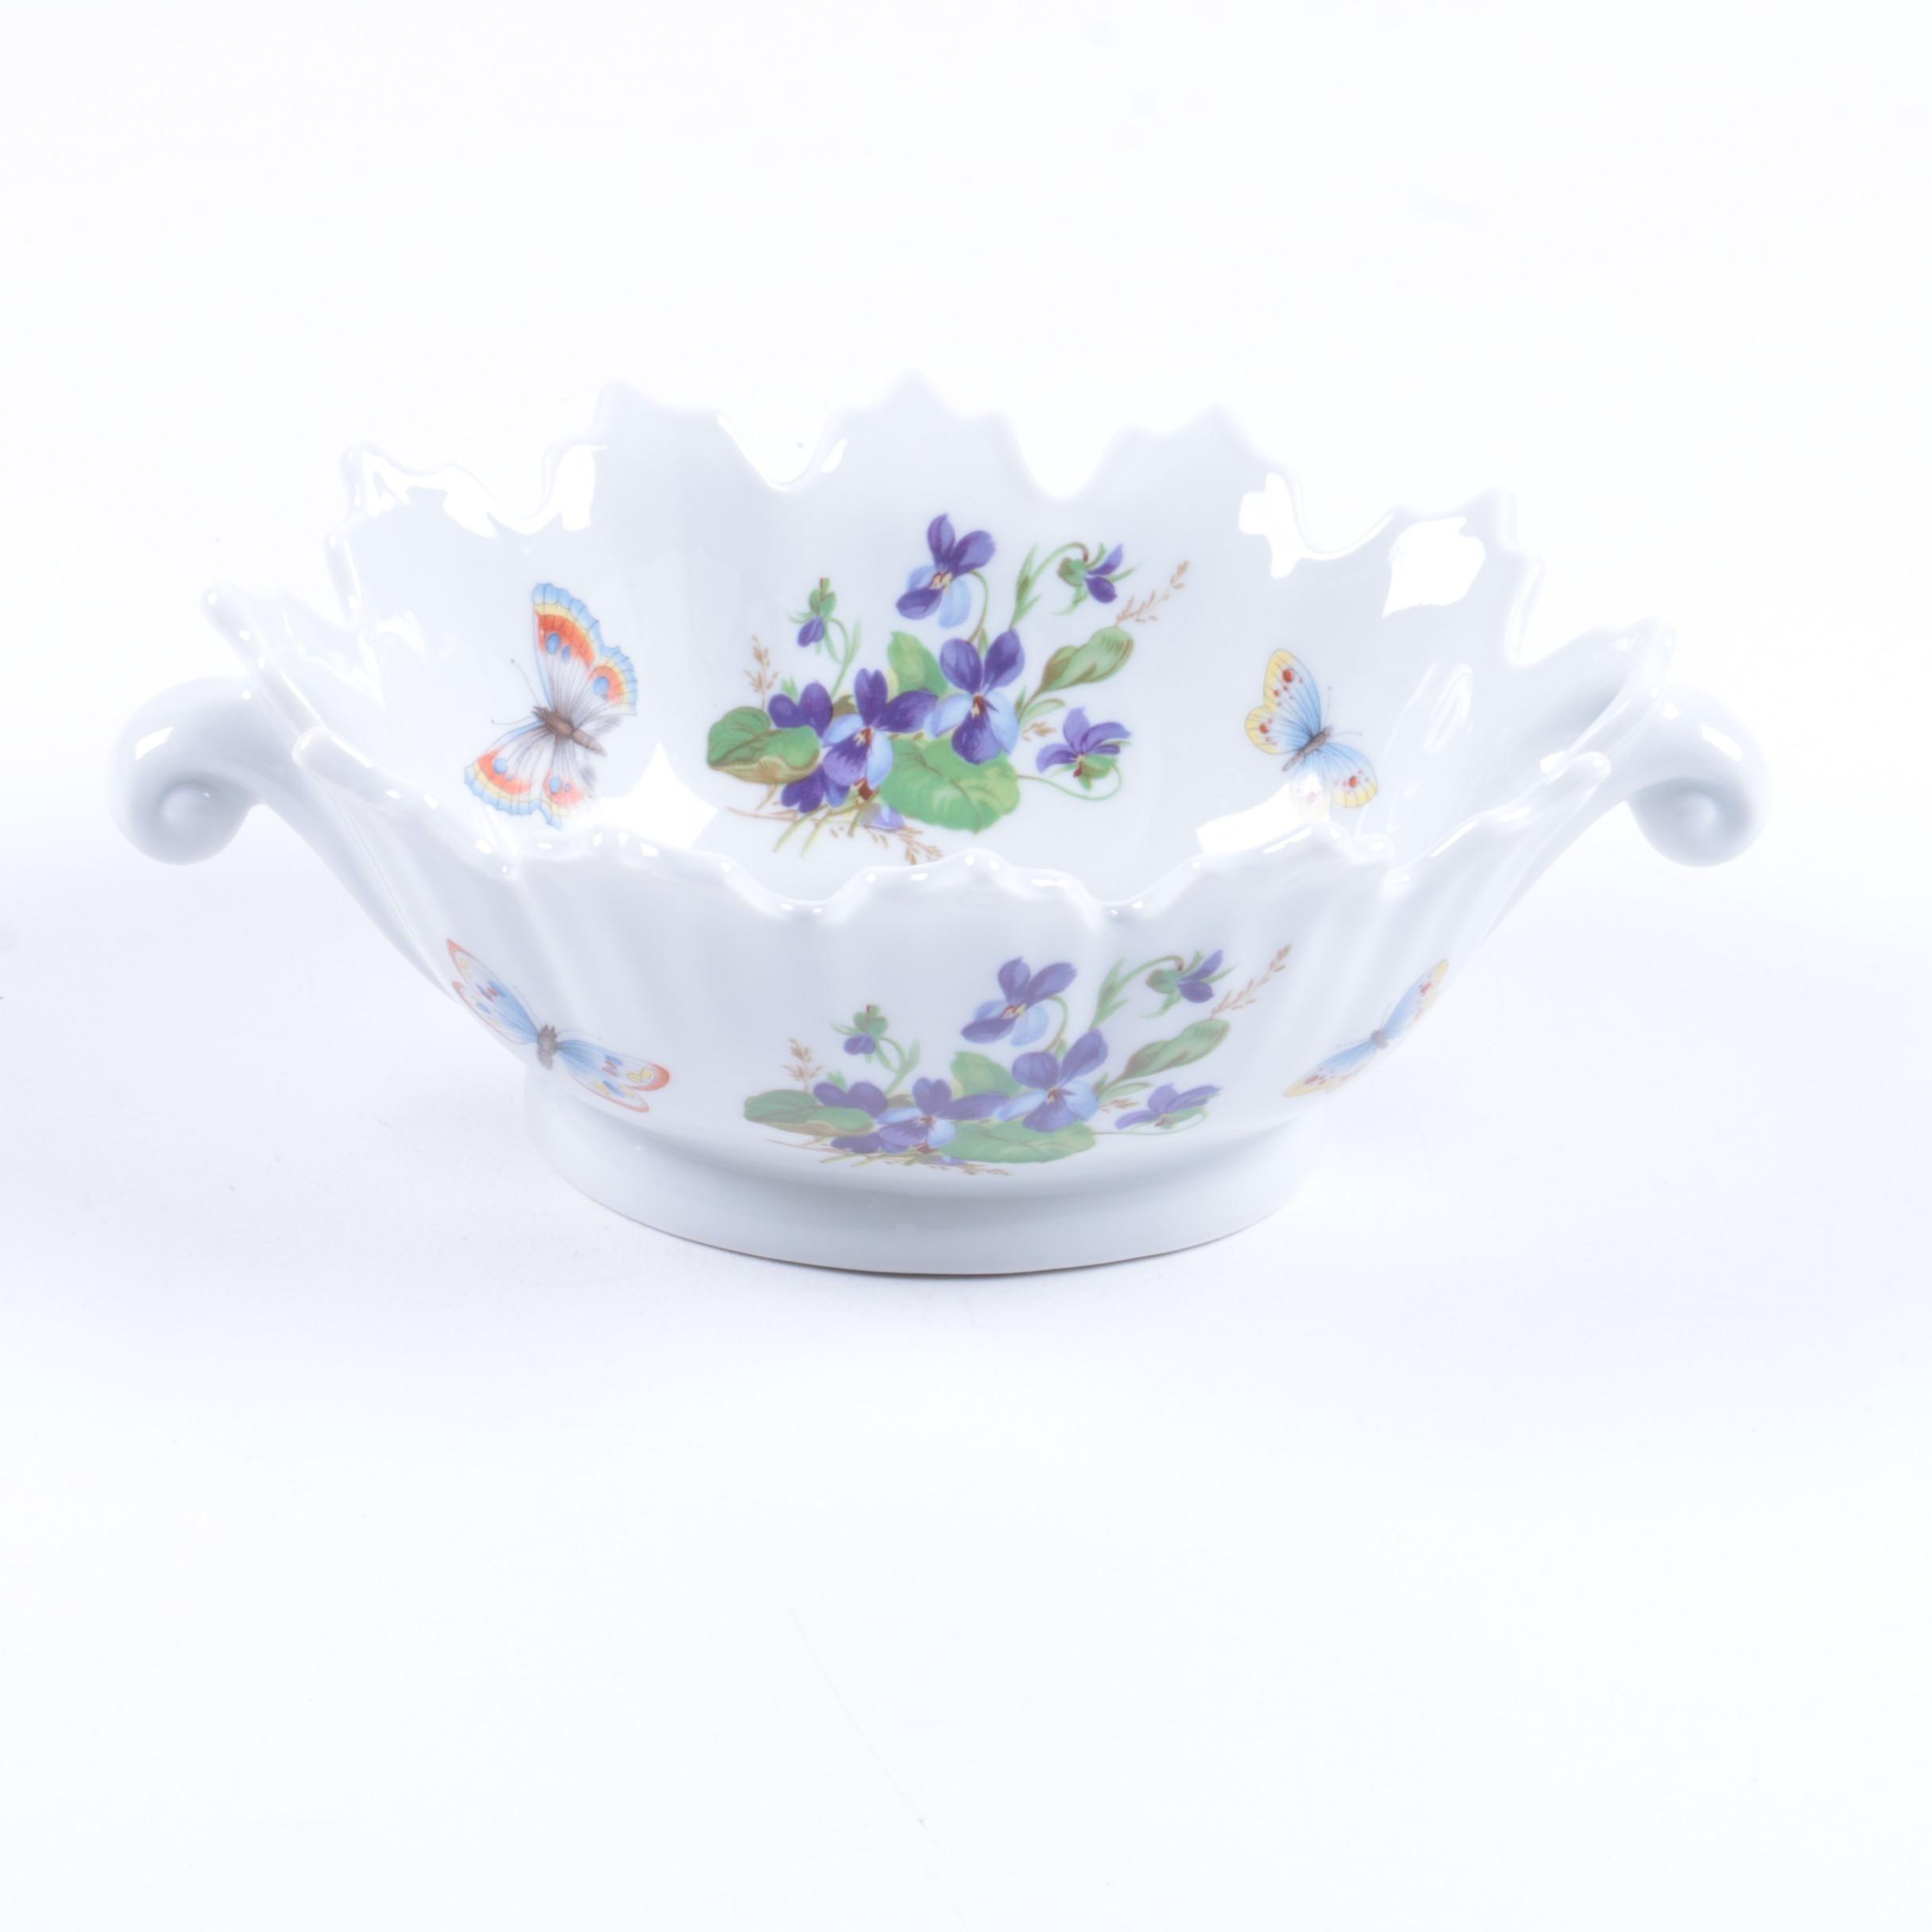 Vintage Limoges Castel Porcelain Candy Dish 1955-79